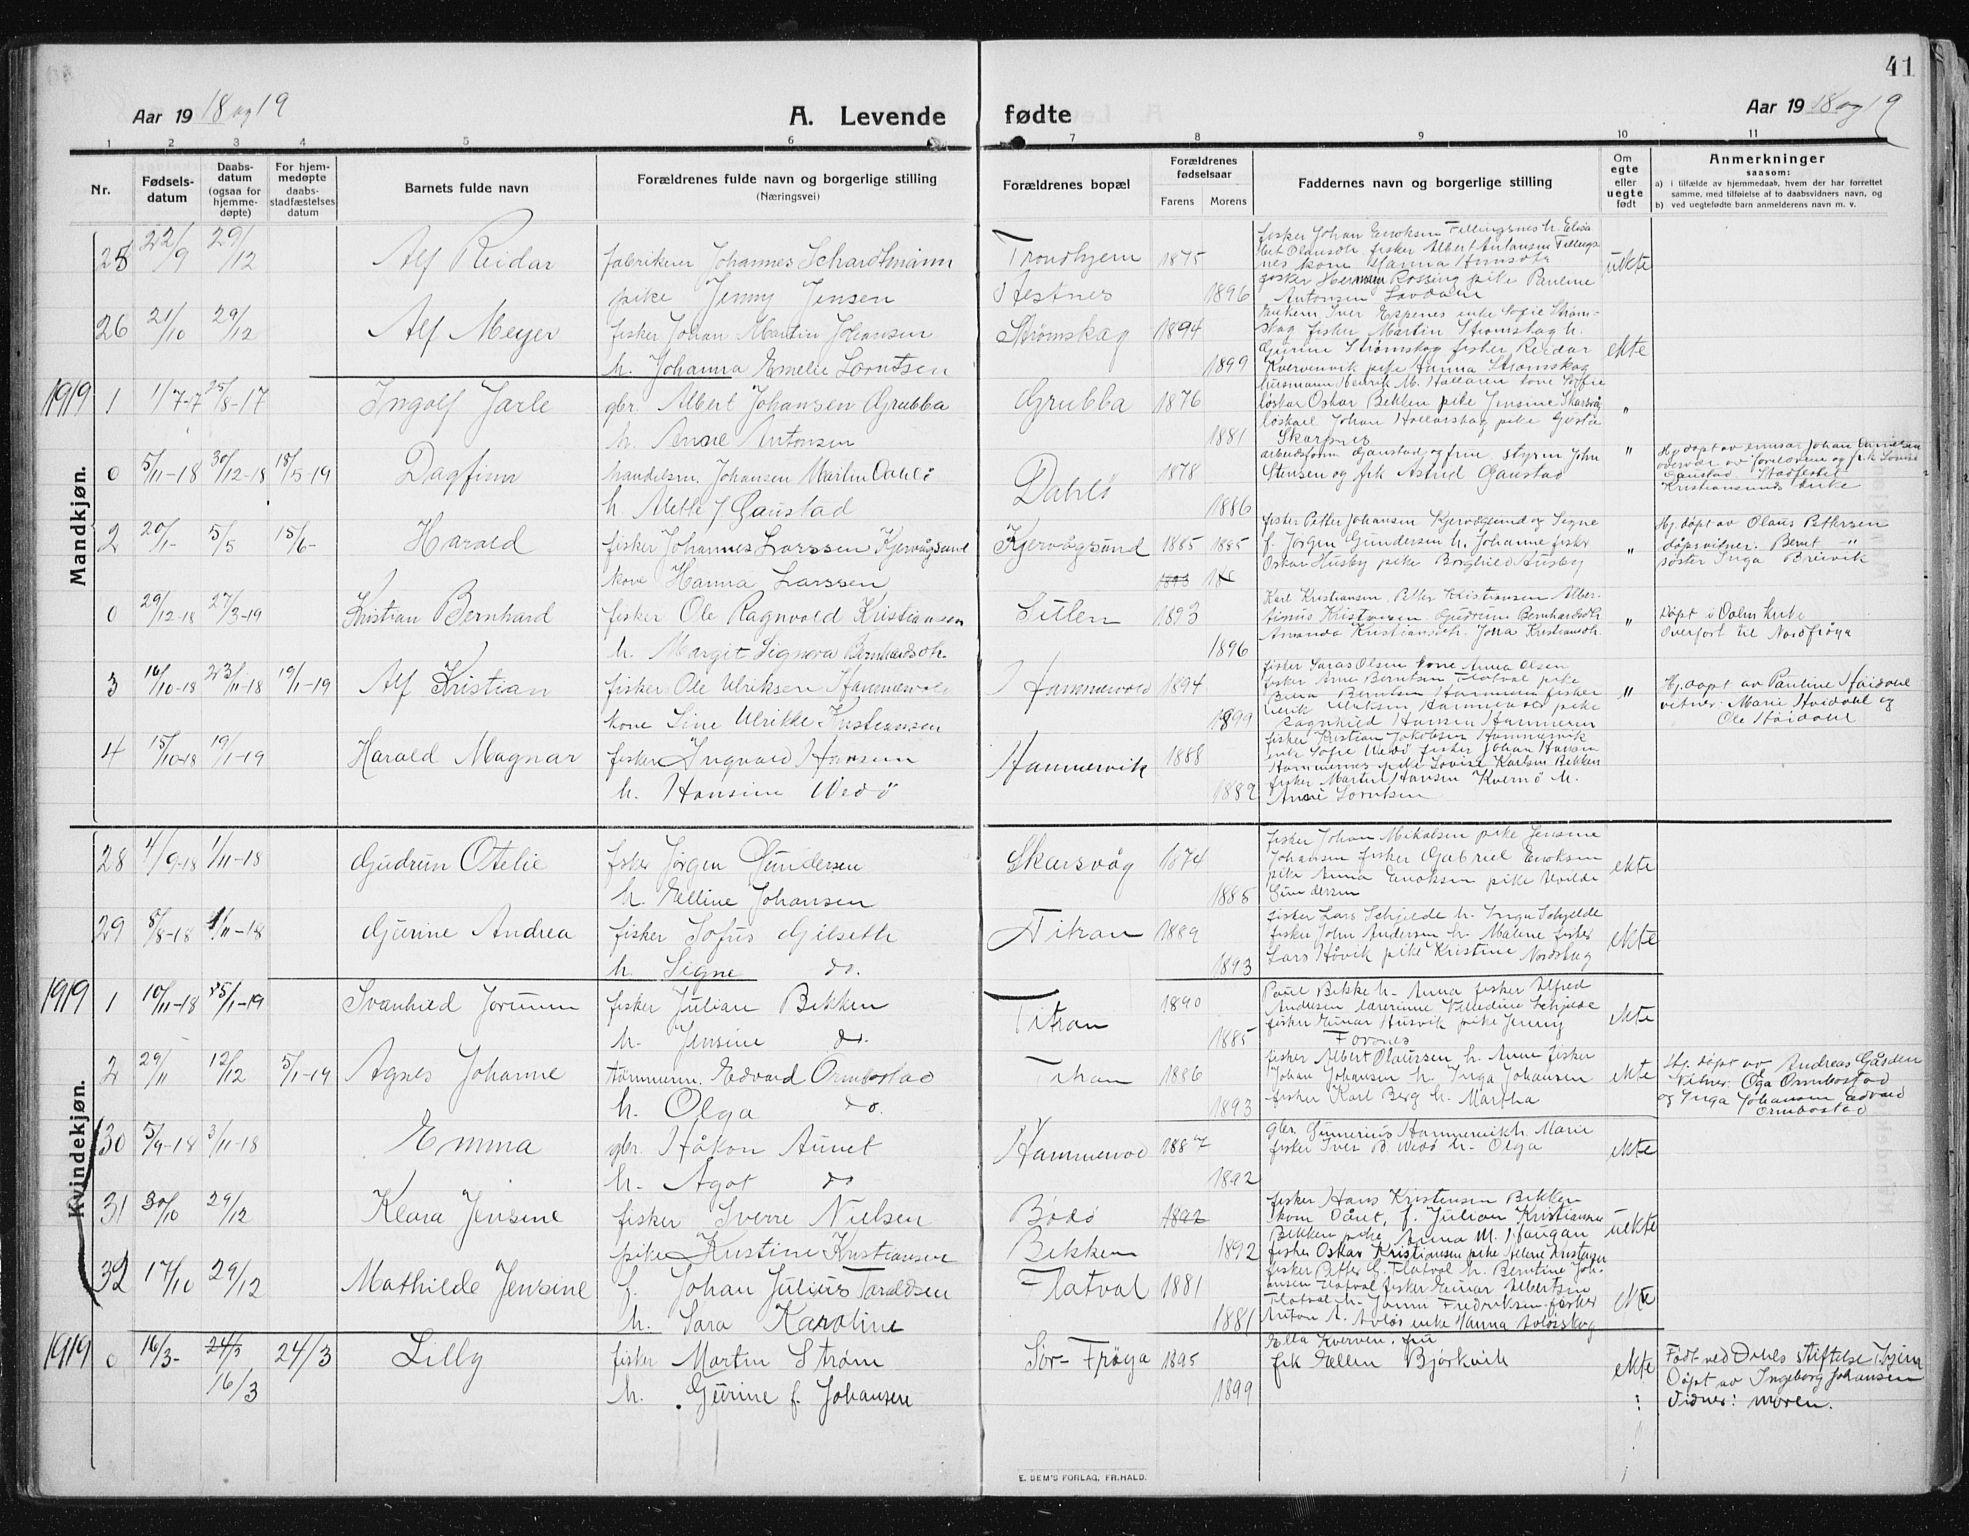 SAT, Ministerialprotokoller, klokkerbøker og fødselsregistre - Sør-Trøndelag, 641/L0599: Klokkerbok nr. 641C03, 1910-1938, s. 41